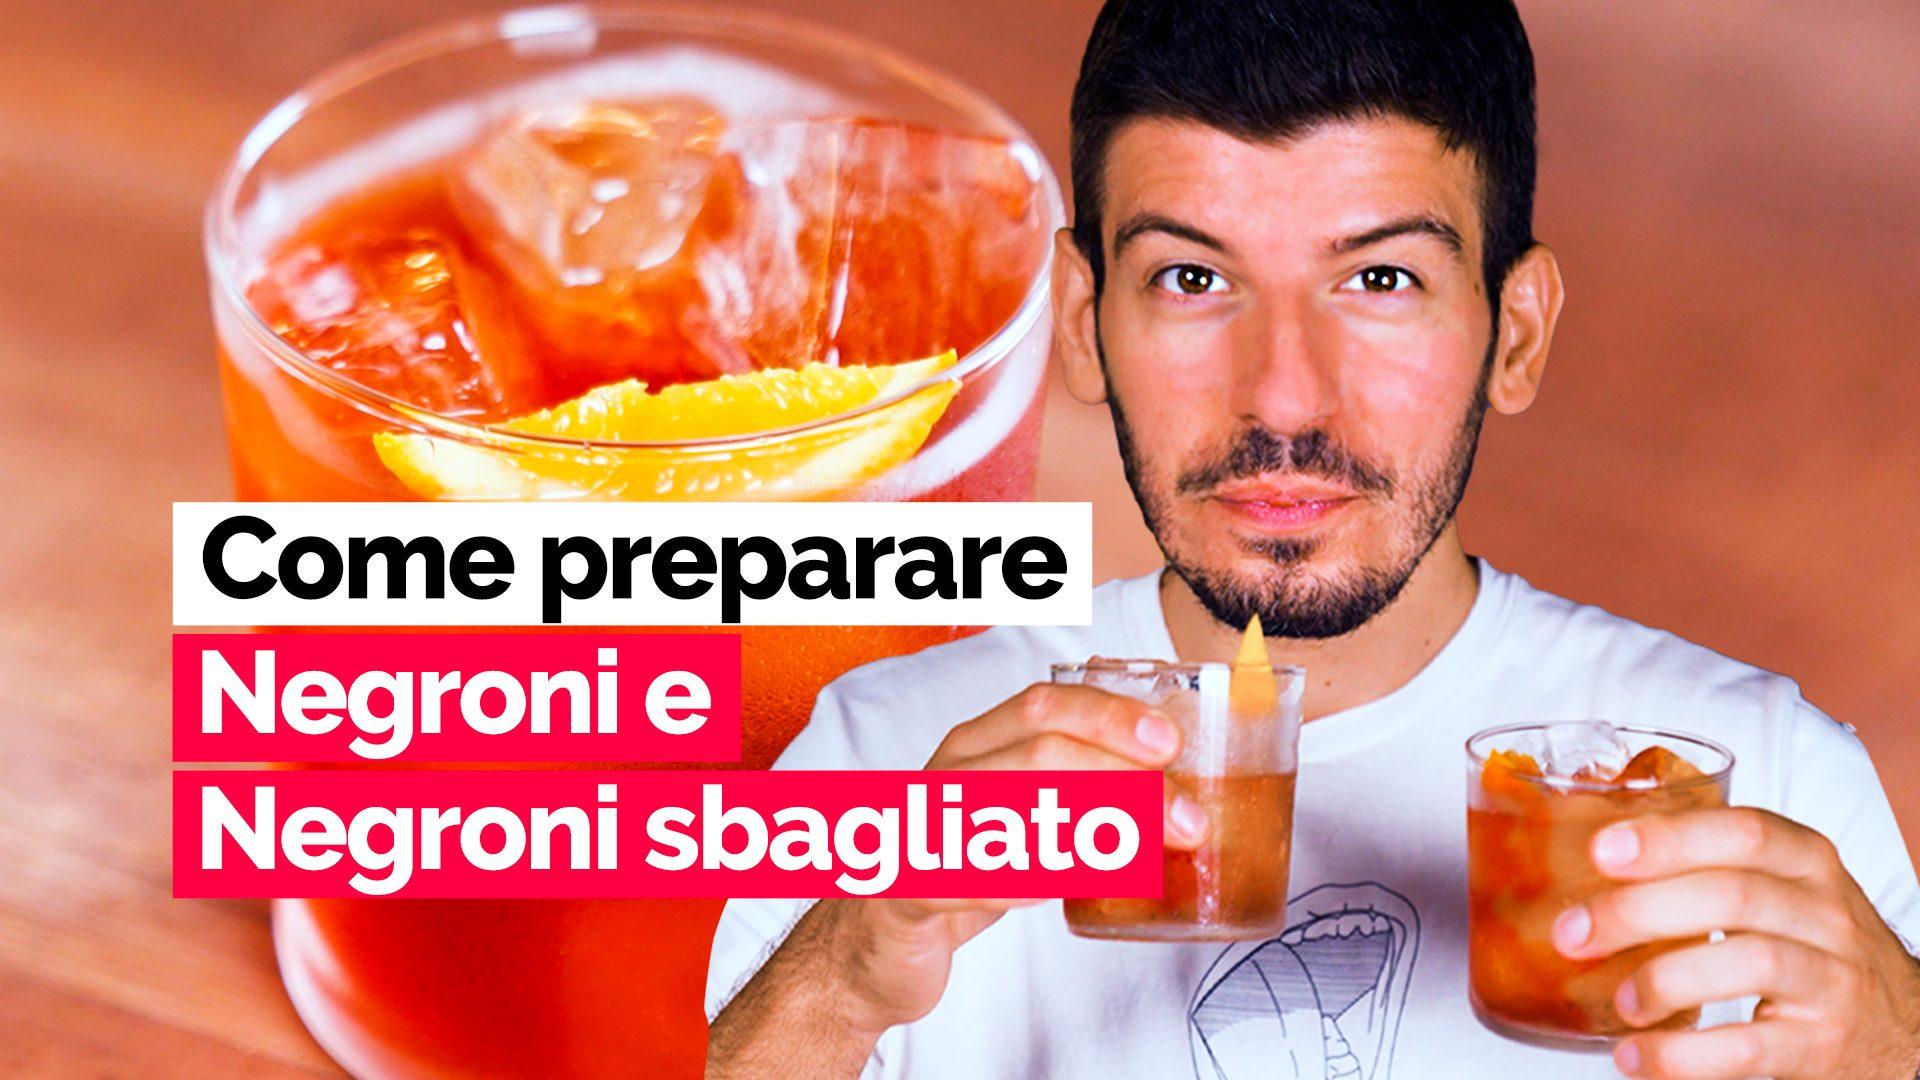 Negroni o Negroni sbagliato? La video-ricetta di uno dei migliori bartender d'Italia